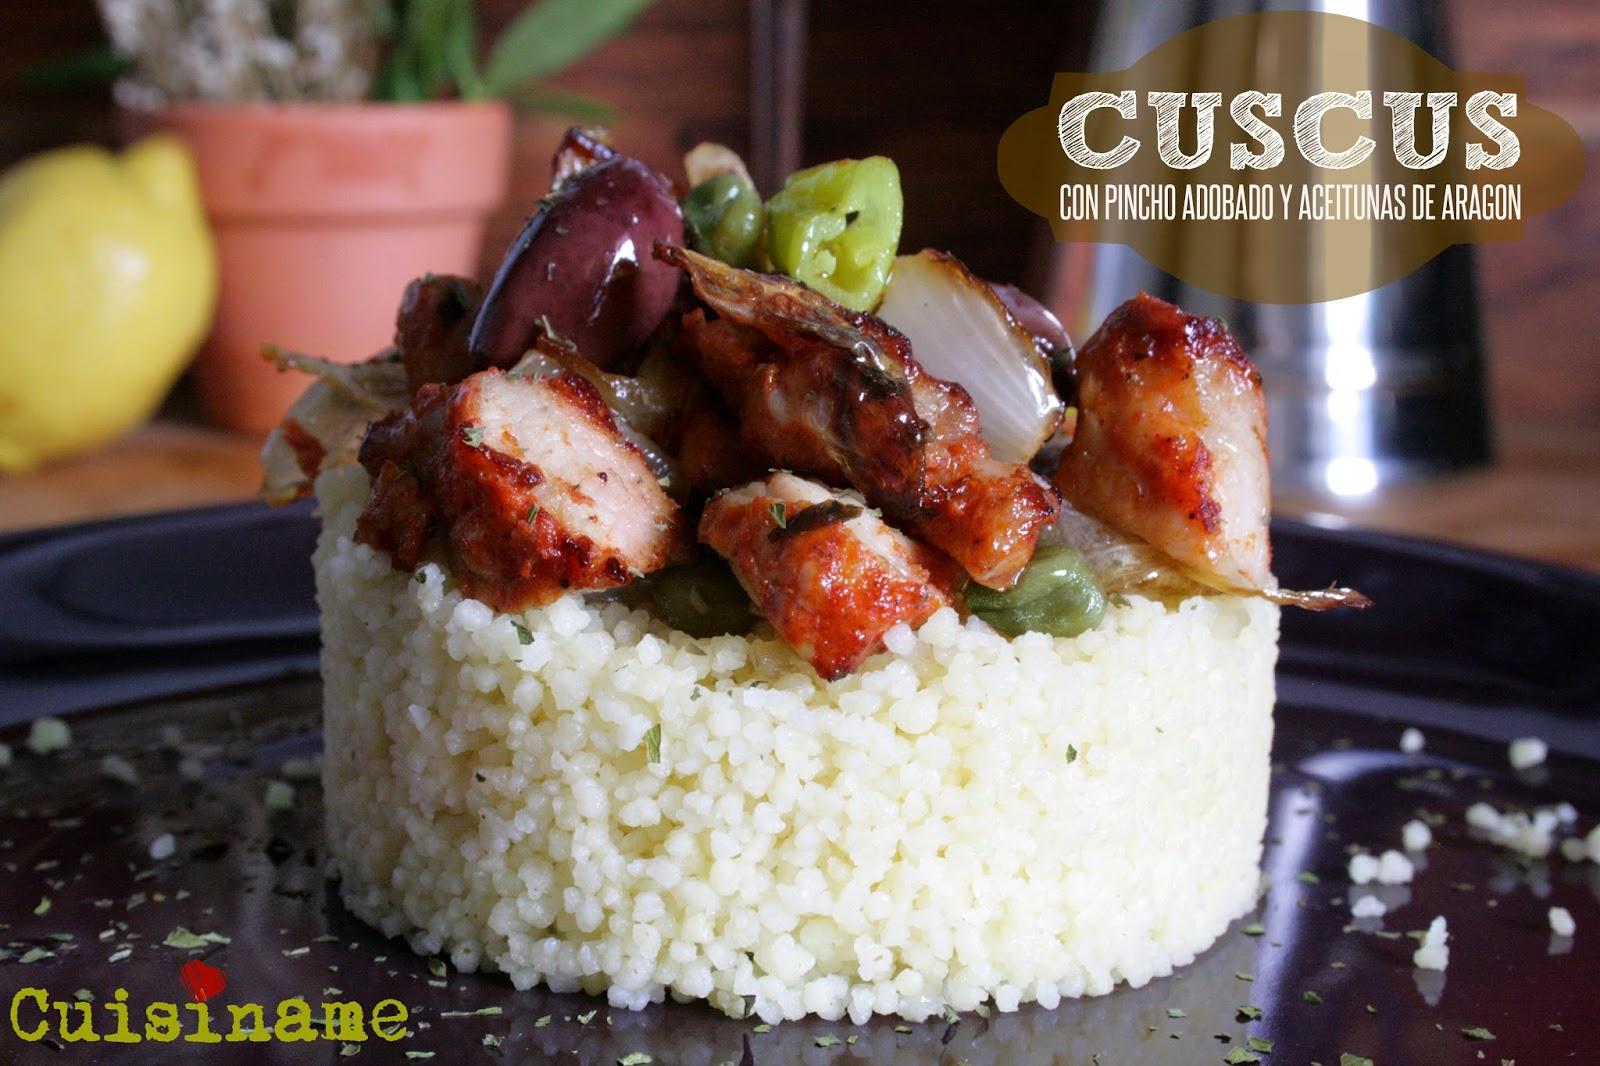 cous cous, cus cus, cuscus, cous cous con carne, carne adobada, recetas originales, recetas faciles, recetas de cocina, yummy recipes